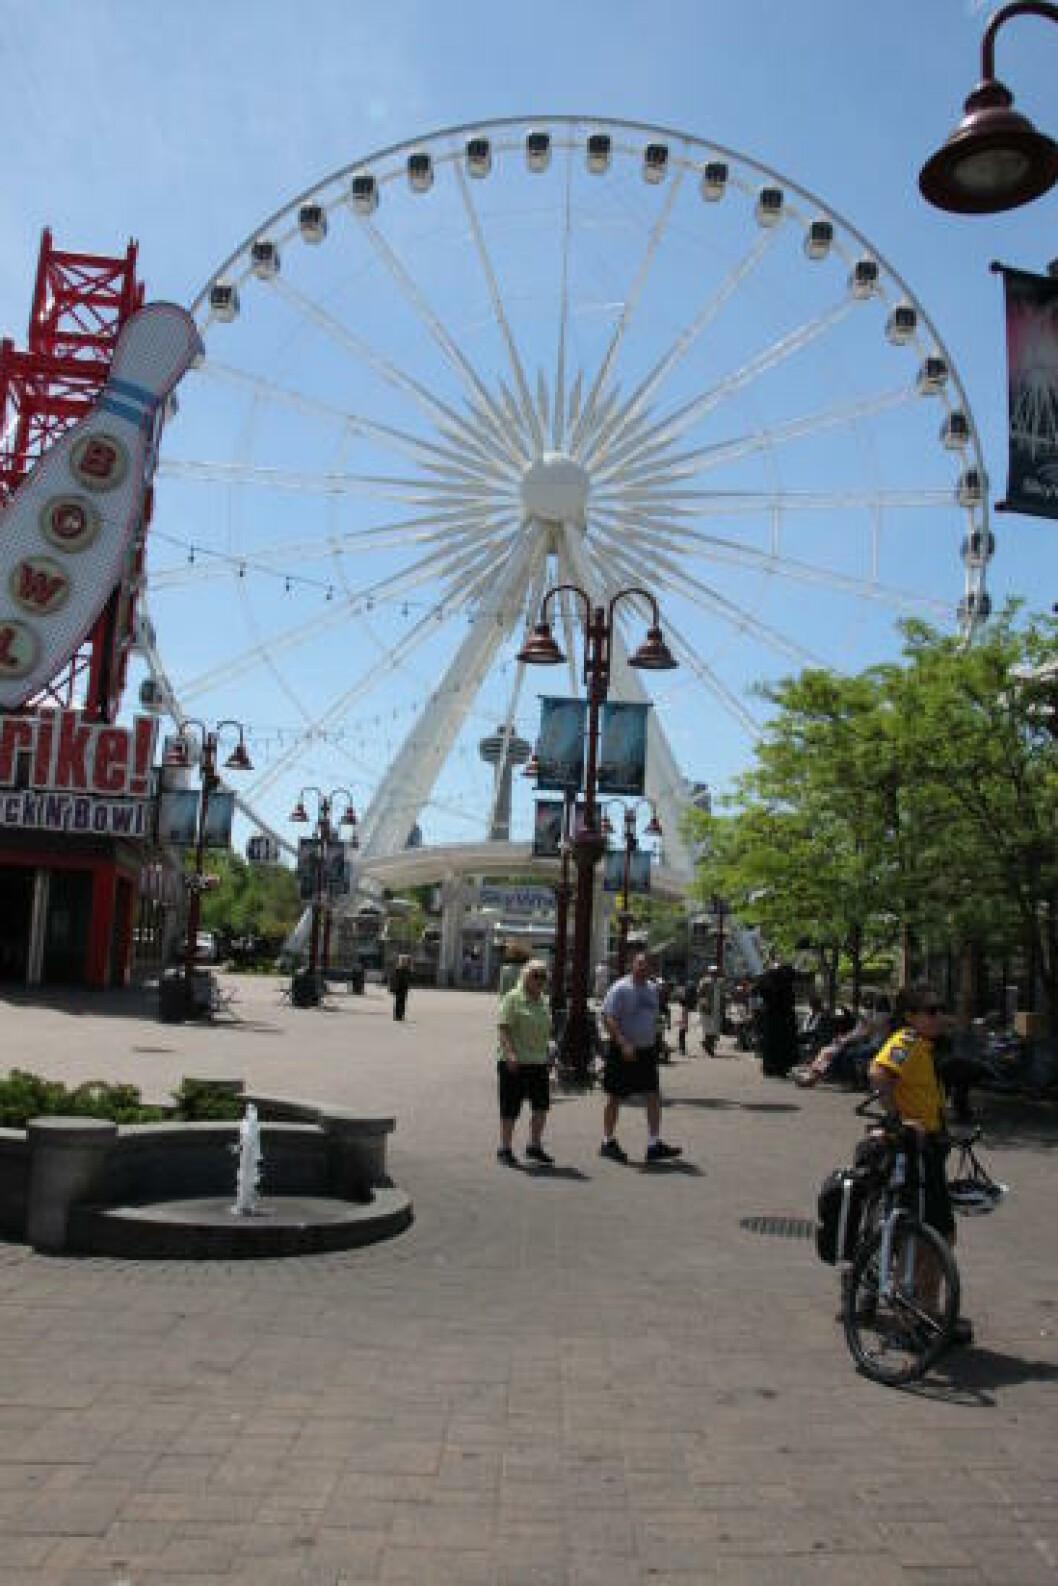 <strong>TIVOLIHJUL:</strong> Ikke bare er Niagarafallene et bryllupsreise-mekka. Det er også en gigantisk fornøyelsespark og dermed perfekt for barnefamilier som liker tivoli, vannparker og 3D-kinoer. Foto: SOLVEIG BÅDSVIK